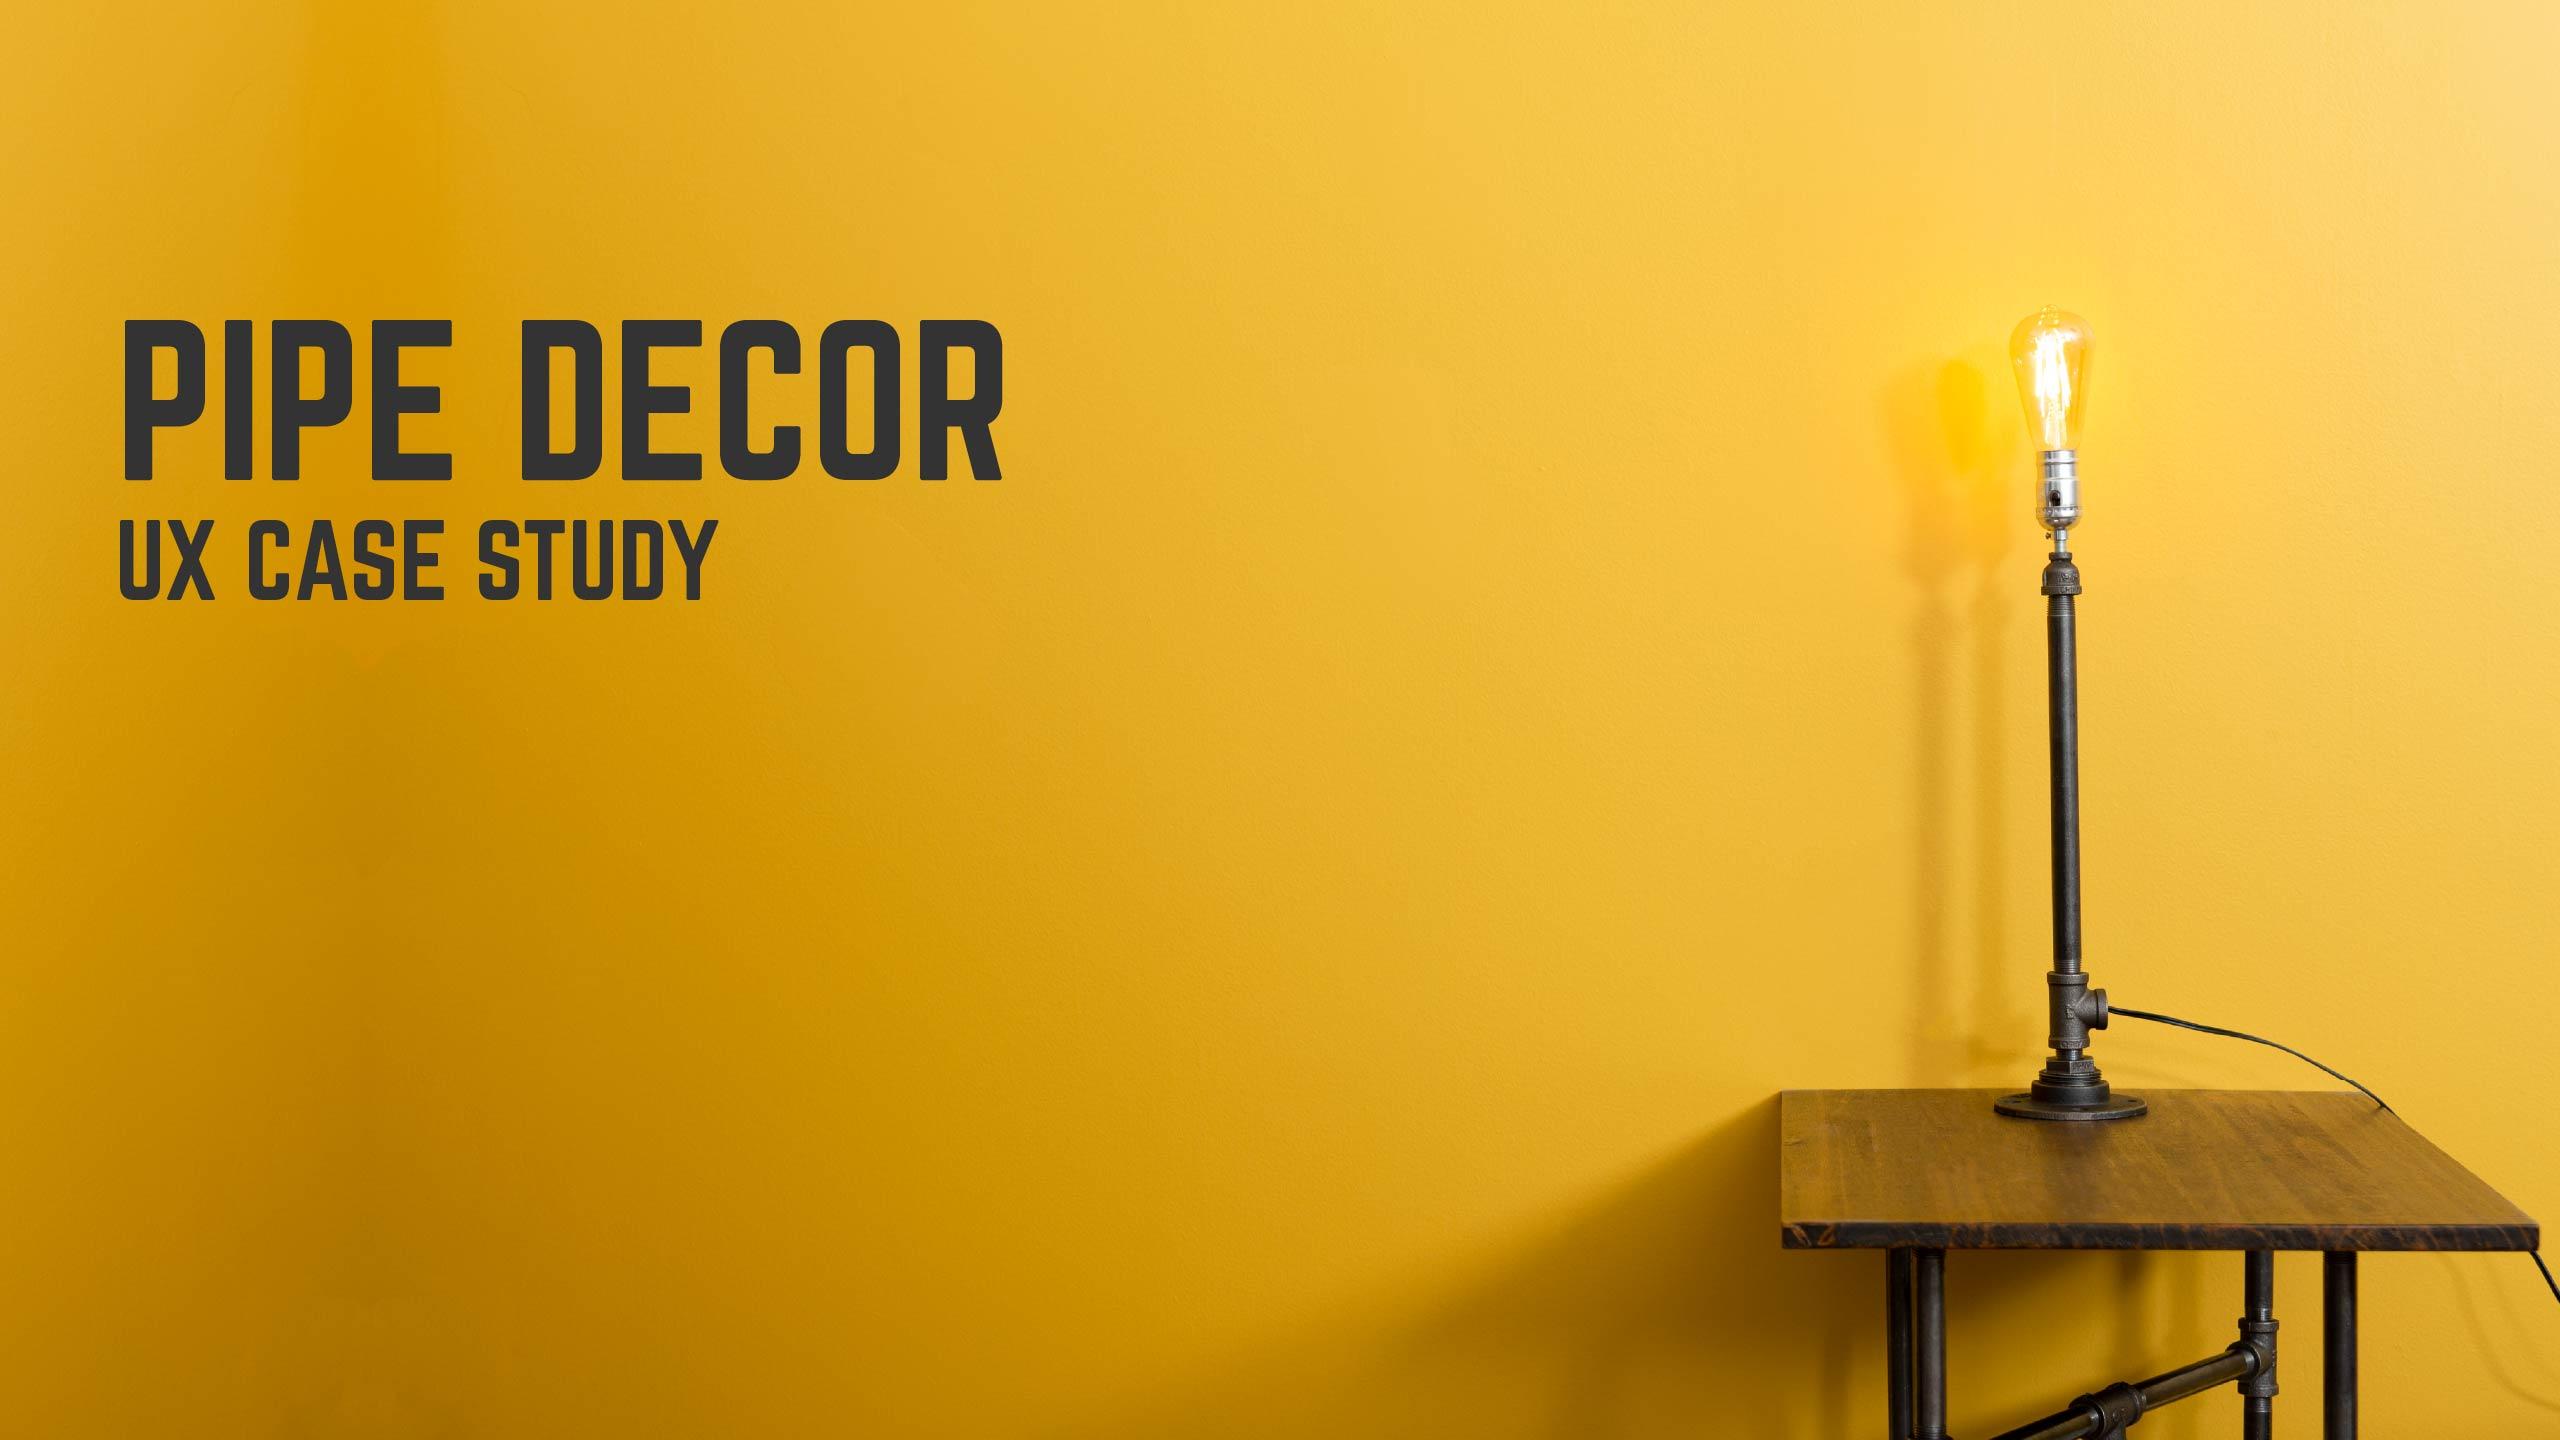 Pipe Decor UX Case Study